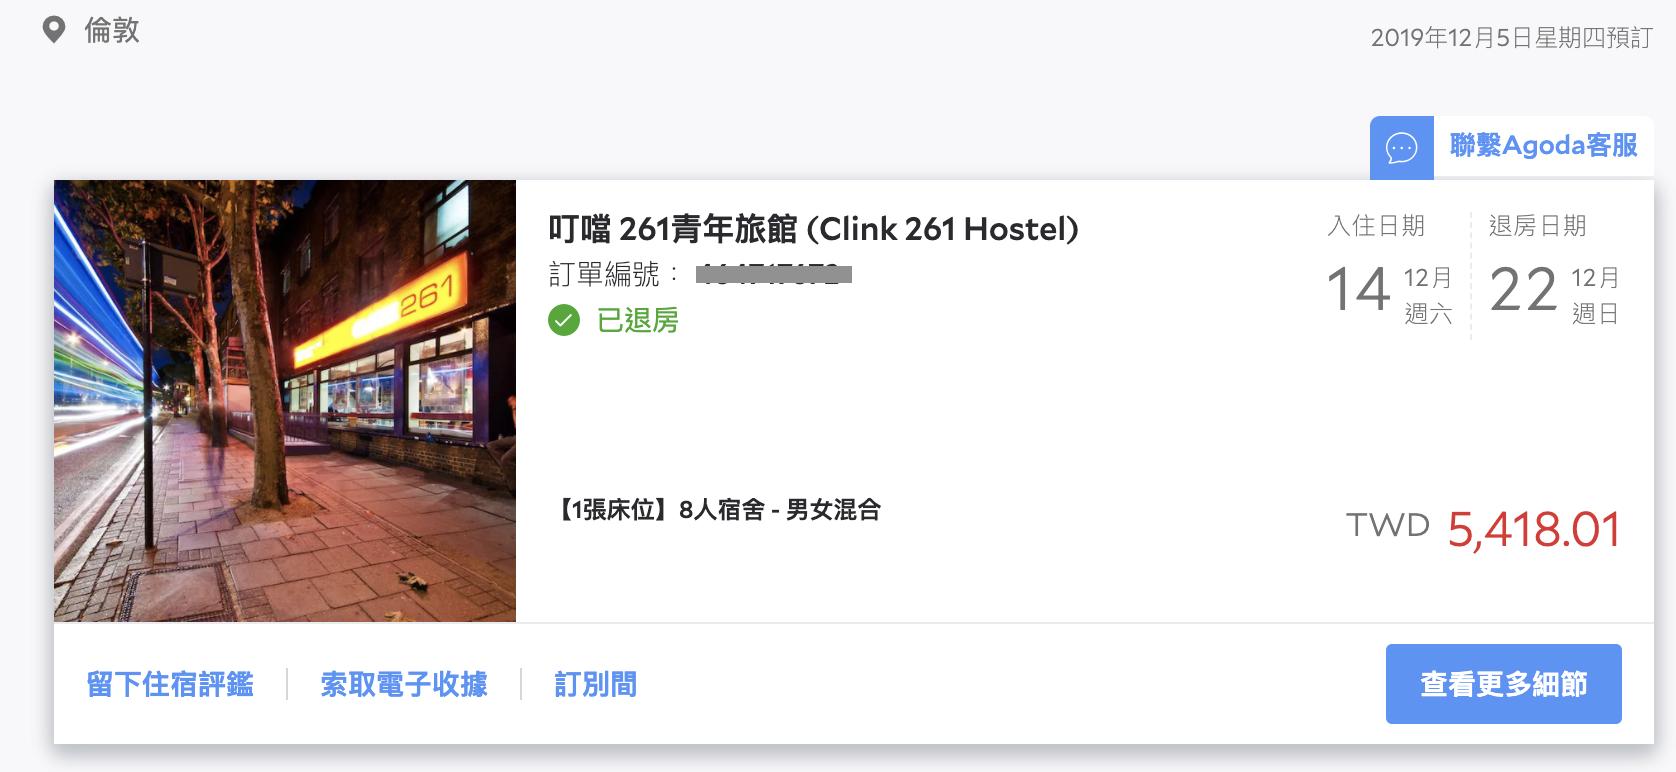 【英國倫敦住宿】Clink261 Hostel 國王十字車站一晚700元青年旅館!平價背包客棧推薦